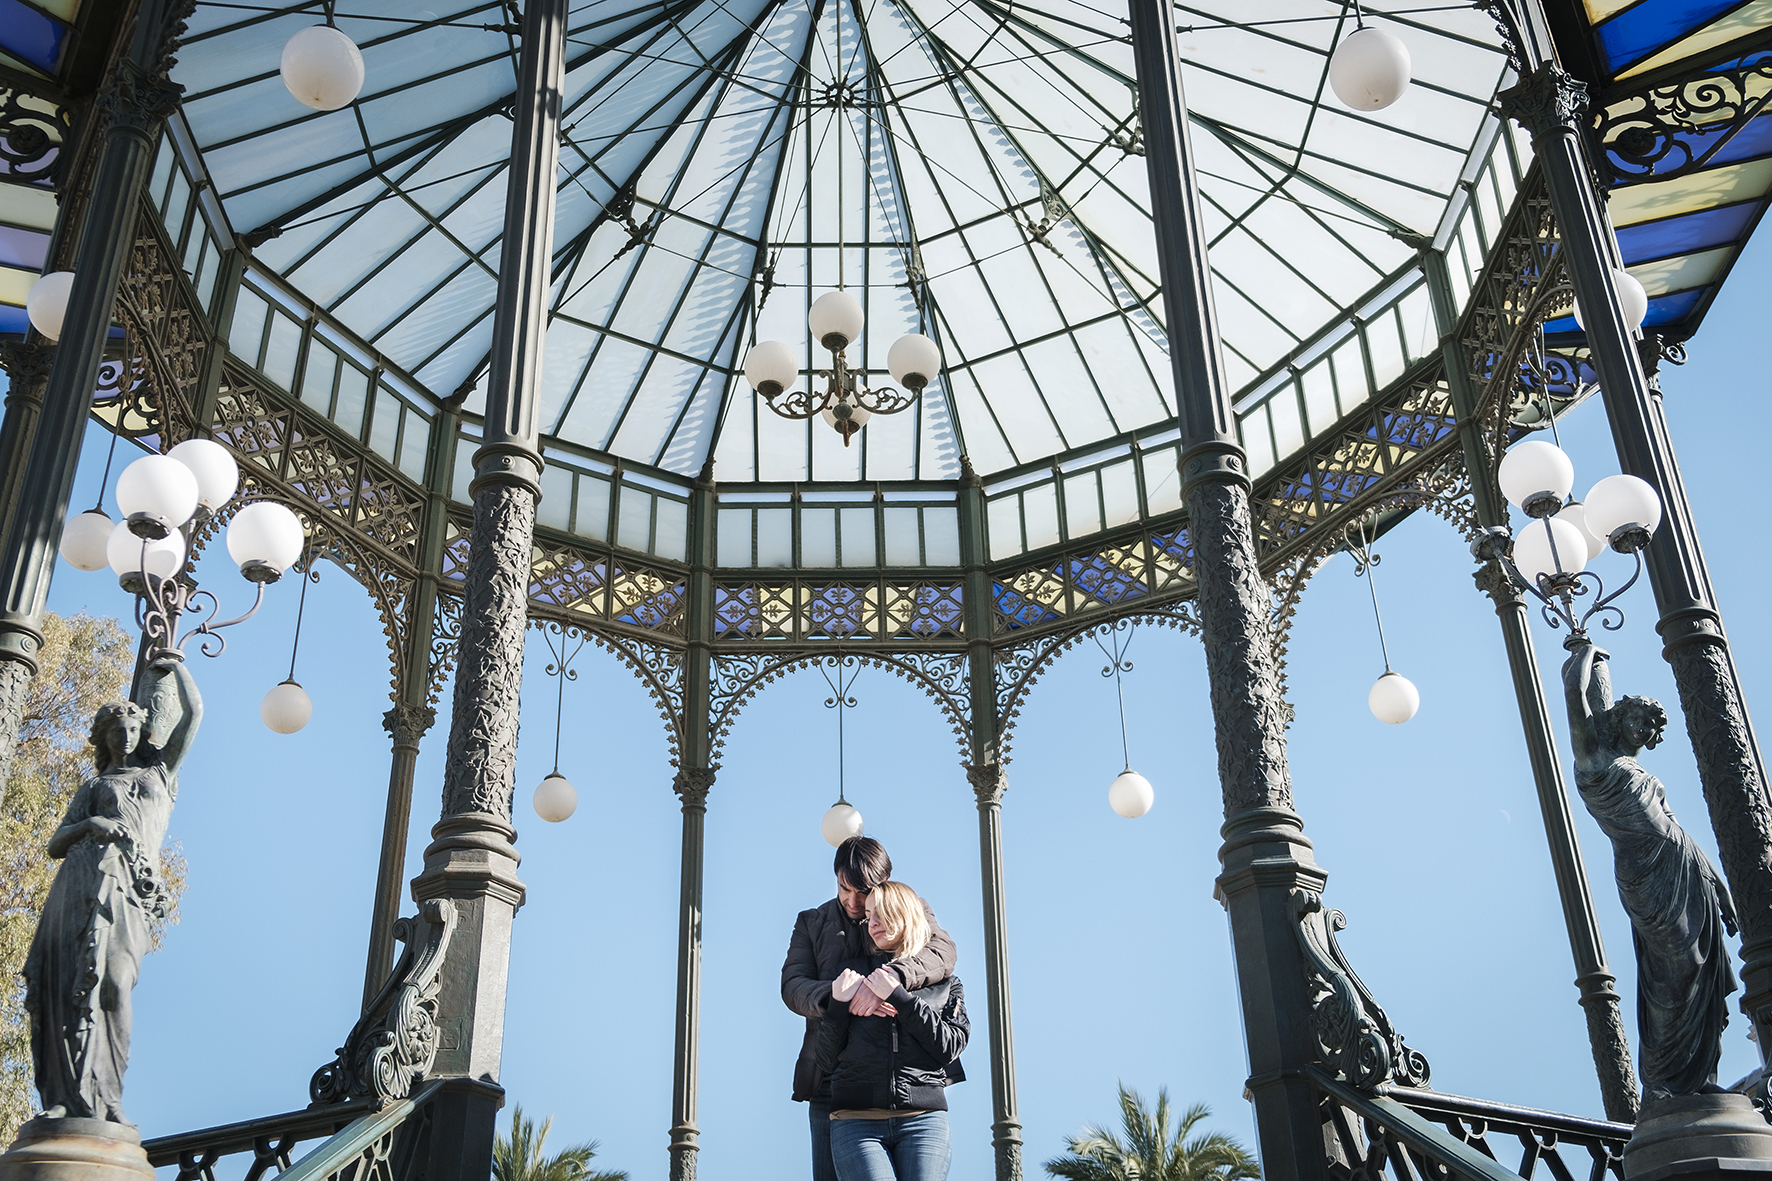 Servizio fotografico prematrimoniale: le foto di coppia per rilassarsi